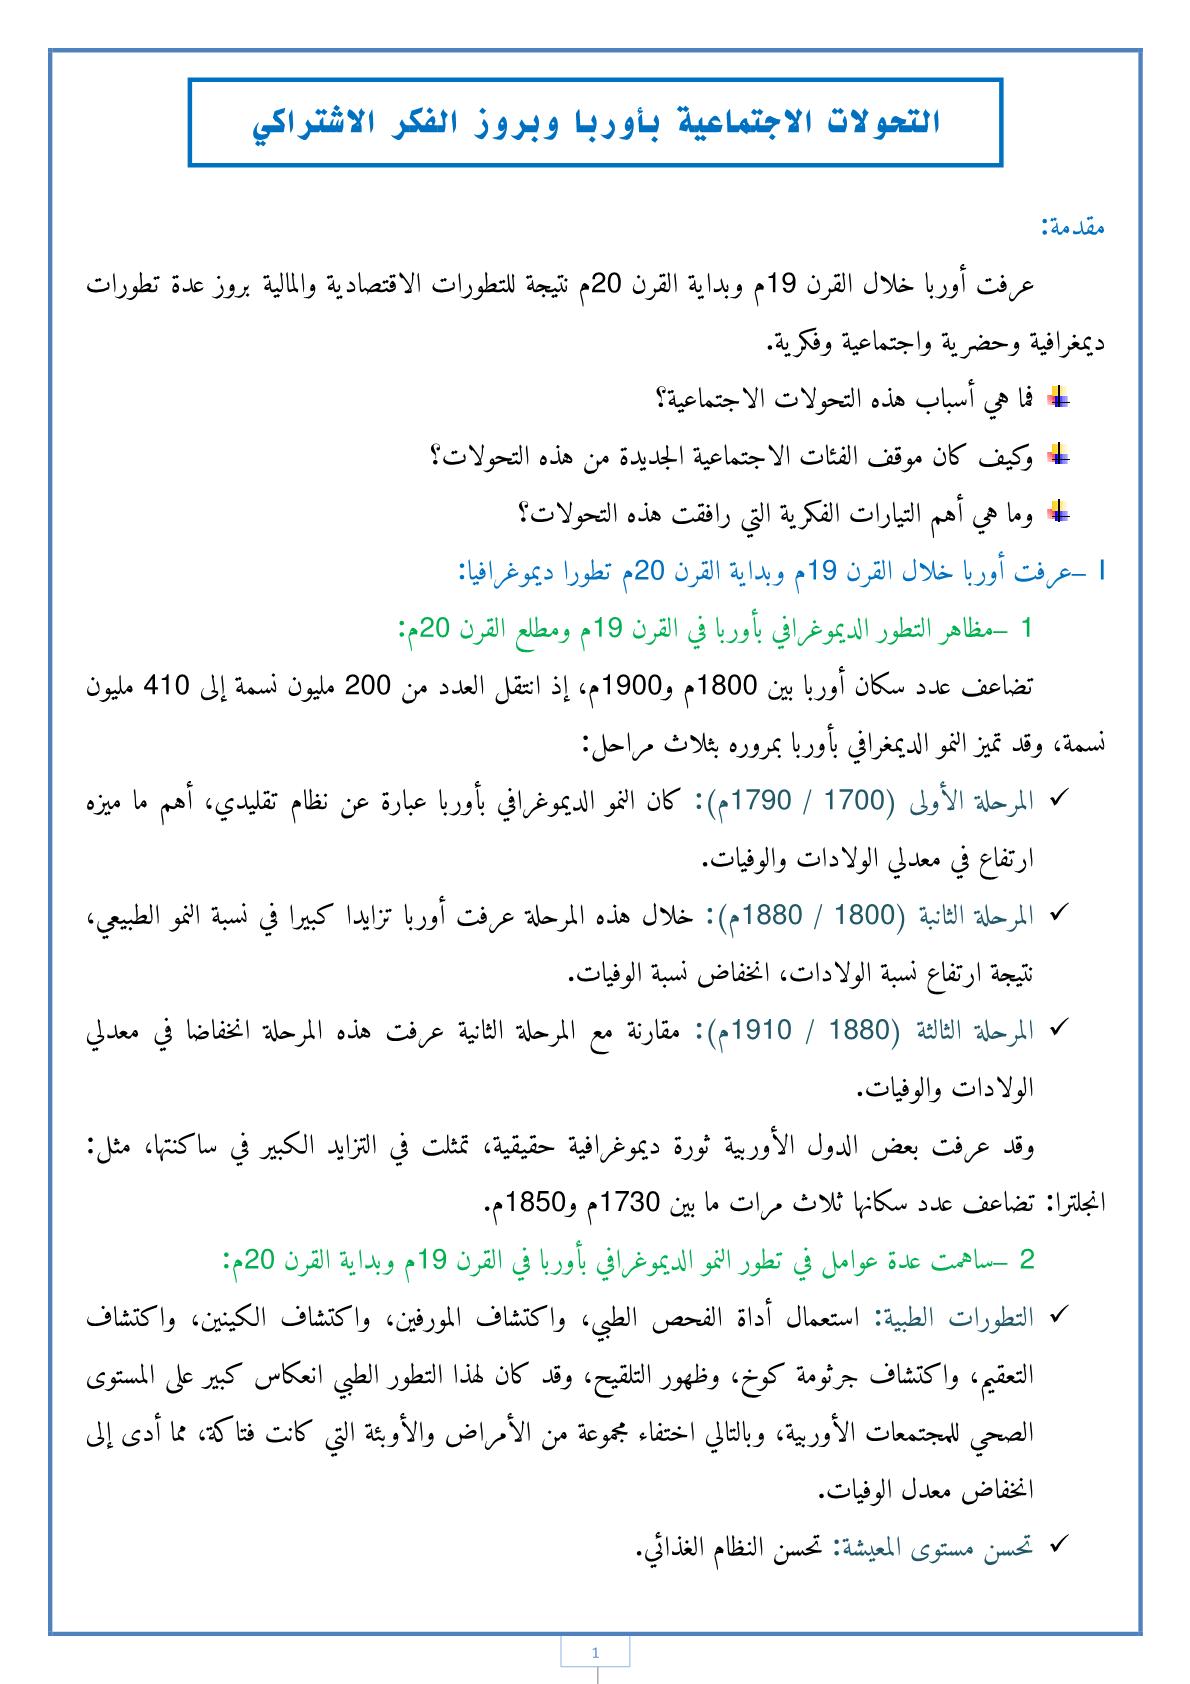 درس التحولات الاجتماعية بأوربا وبروز الفكر الاشتراكي اولى باك أداب وعلوم انسانية